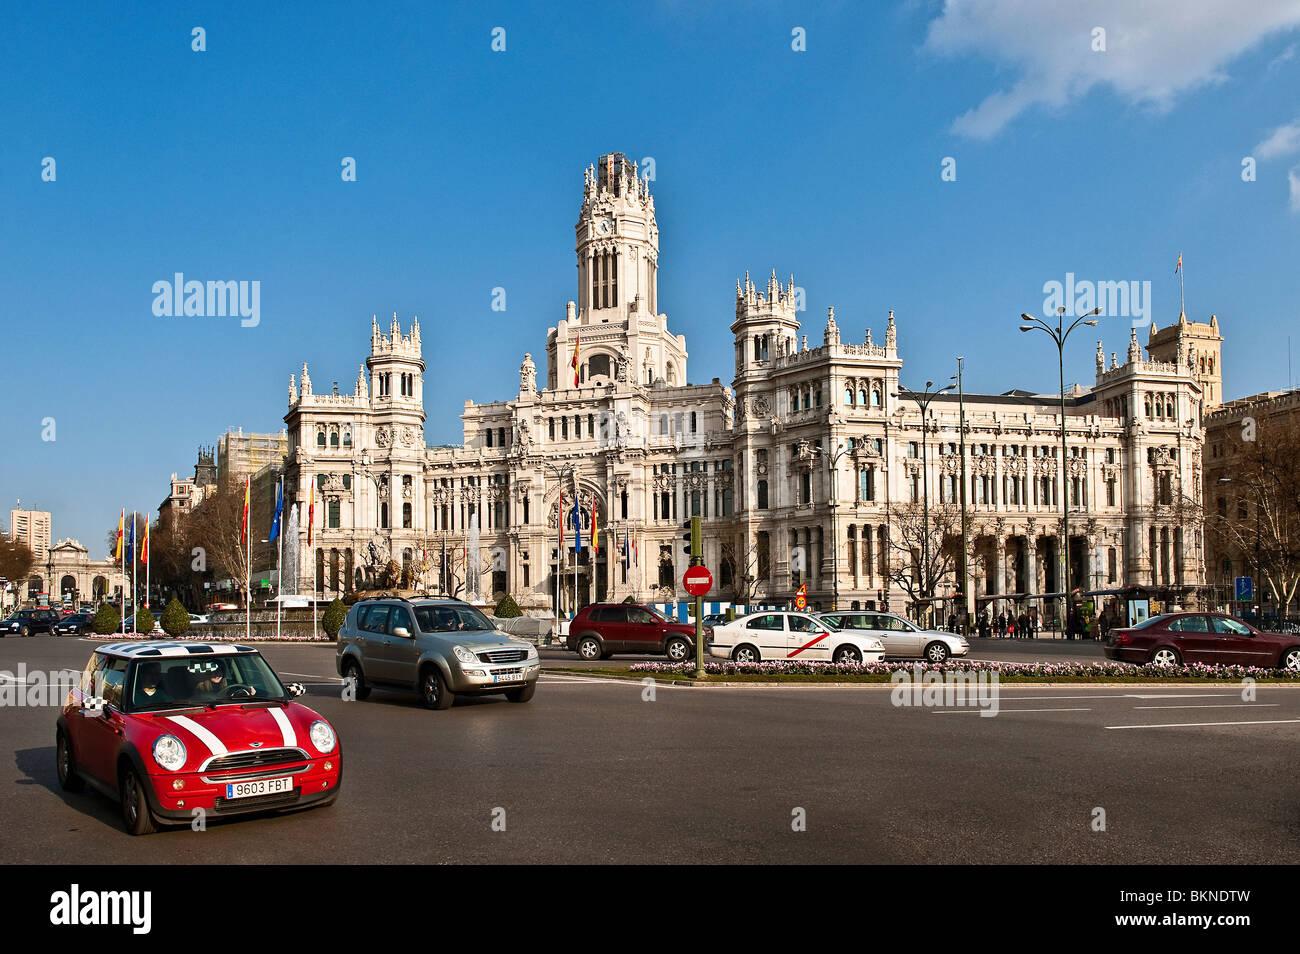 Palacio de Comunicaciones, Madrid, Spain - Stock Image